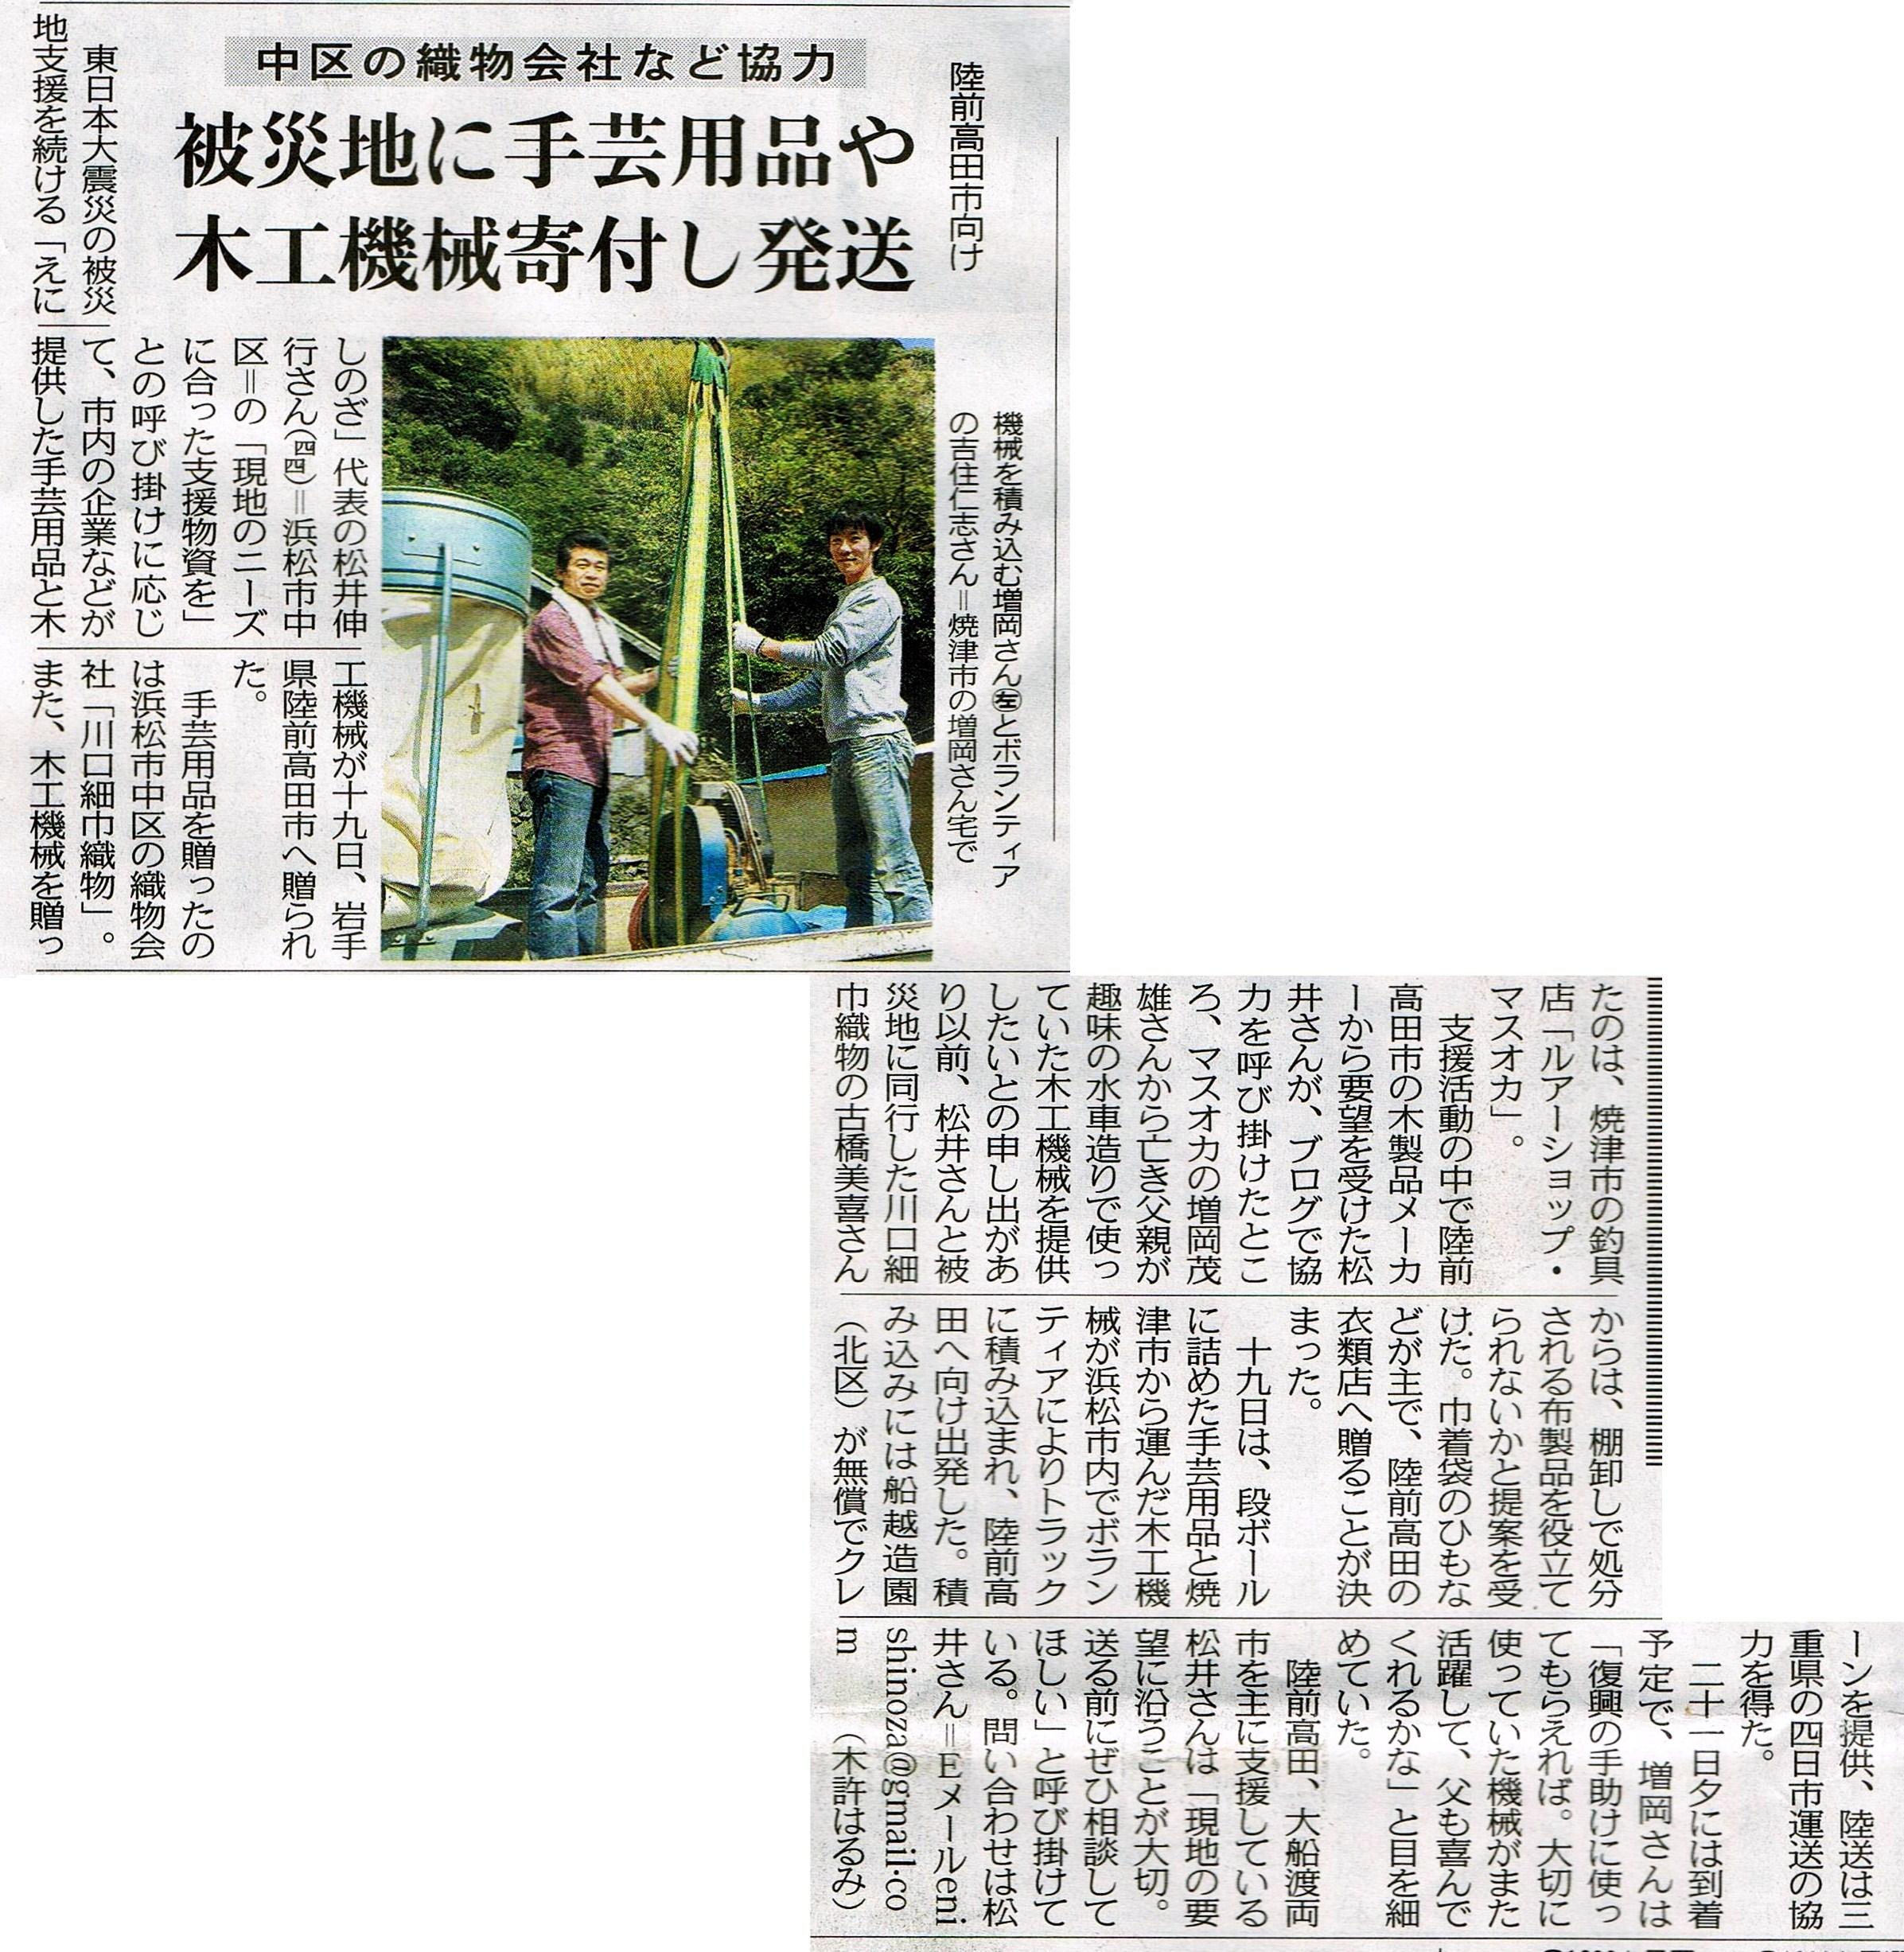 機械配送記事 中日1.jpg